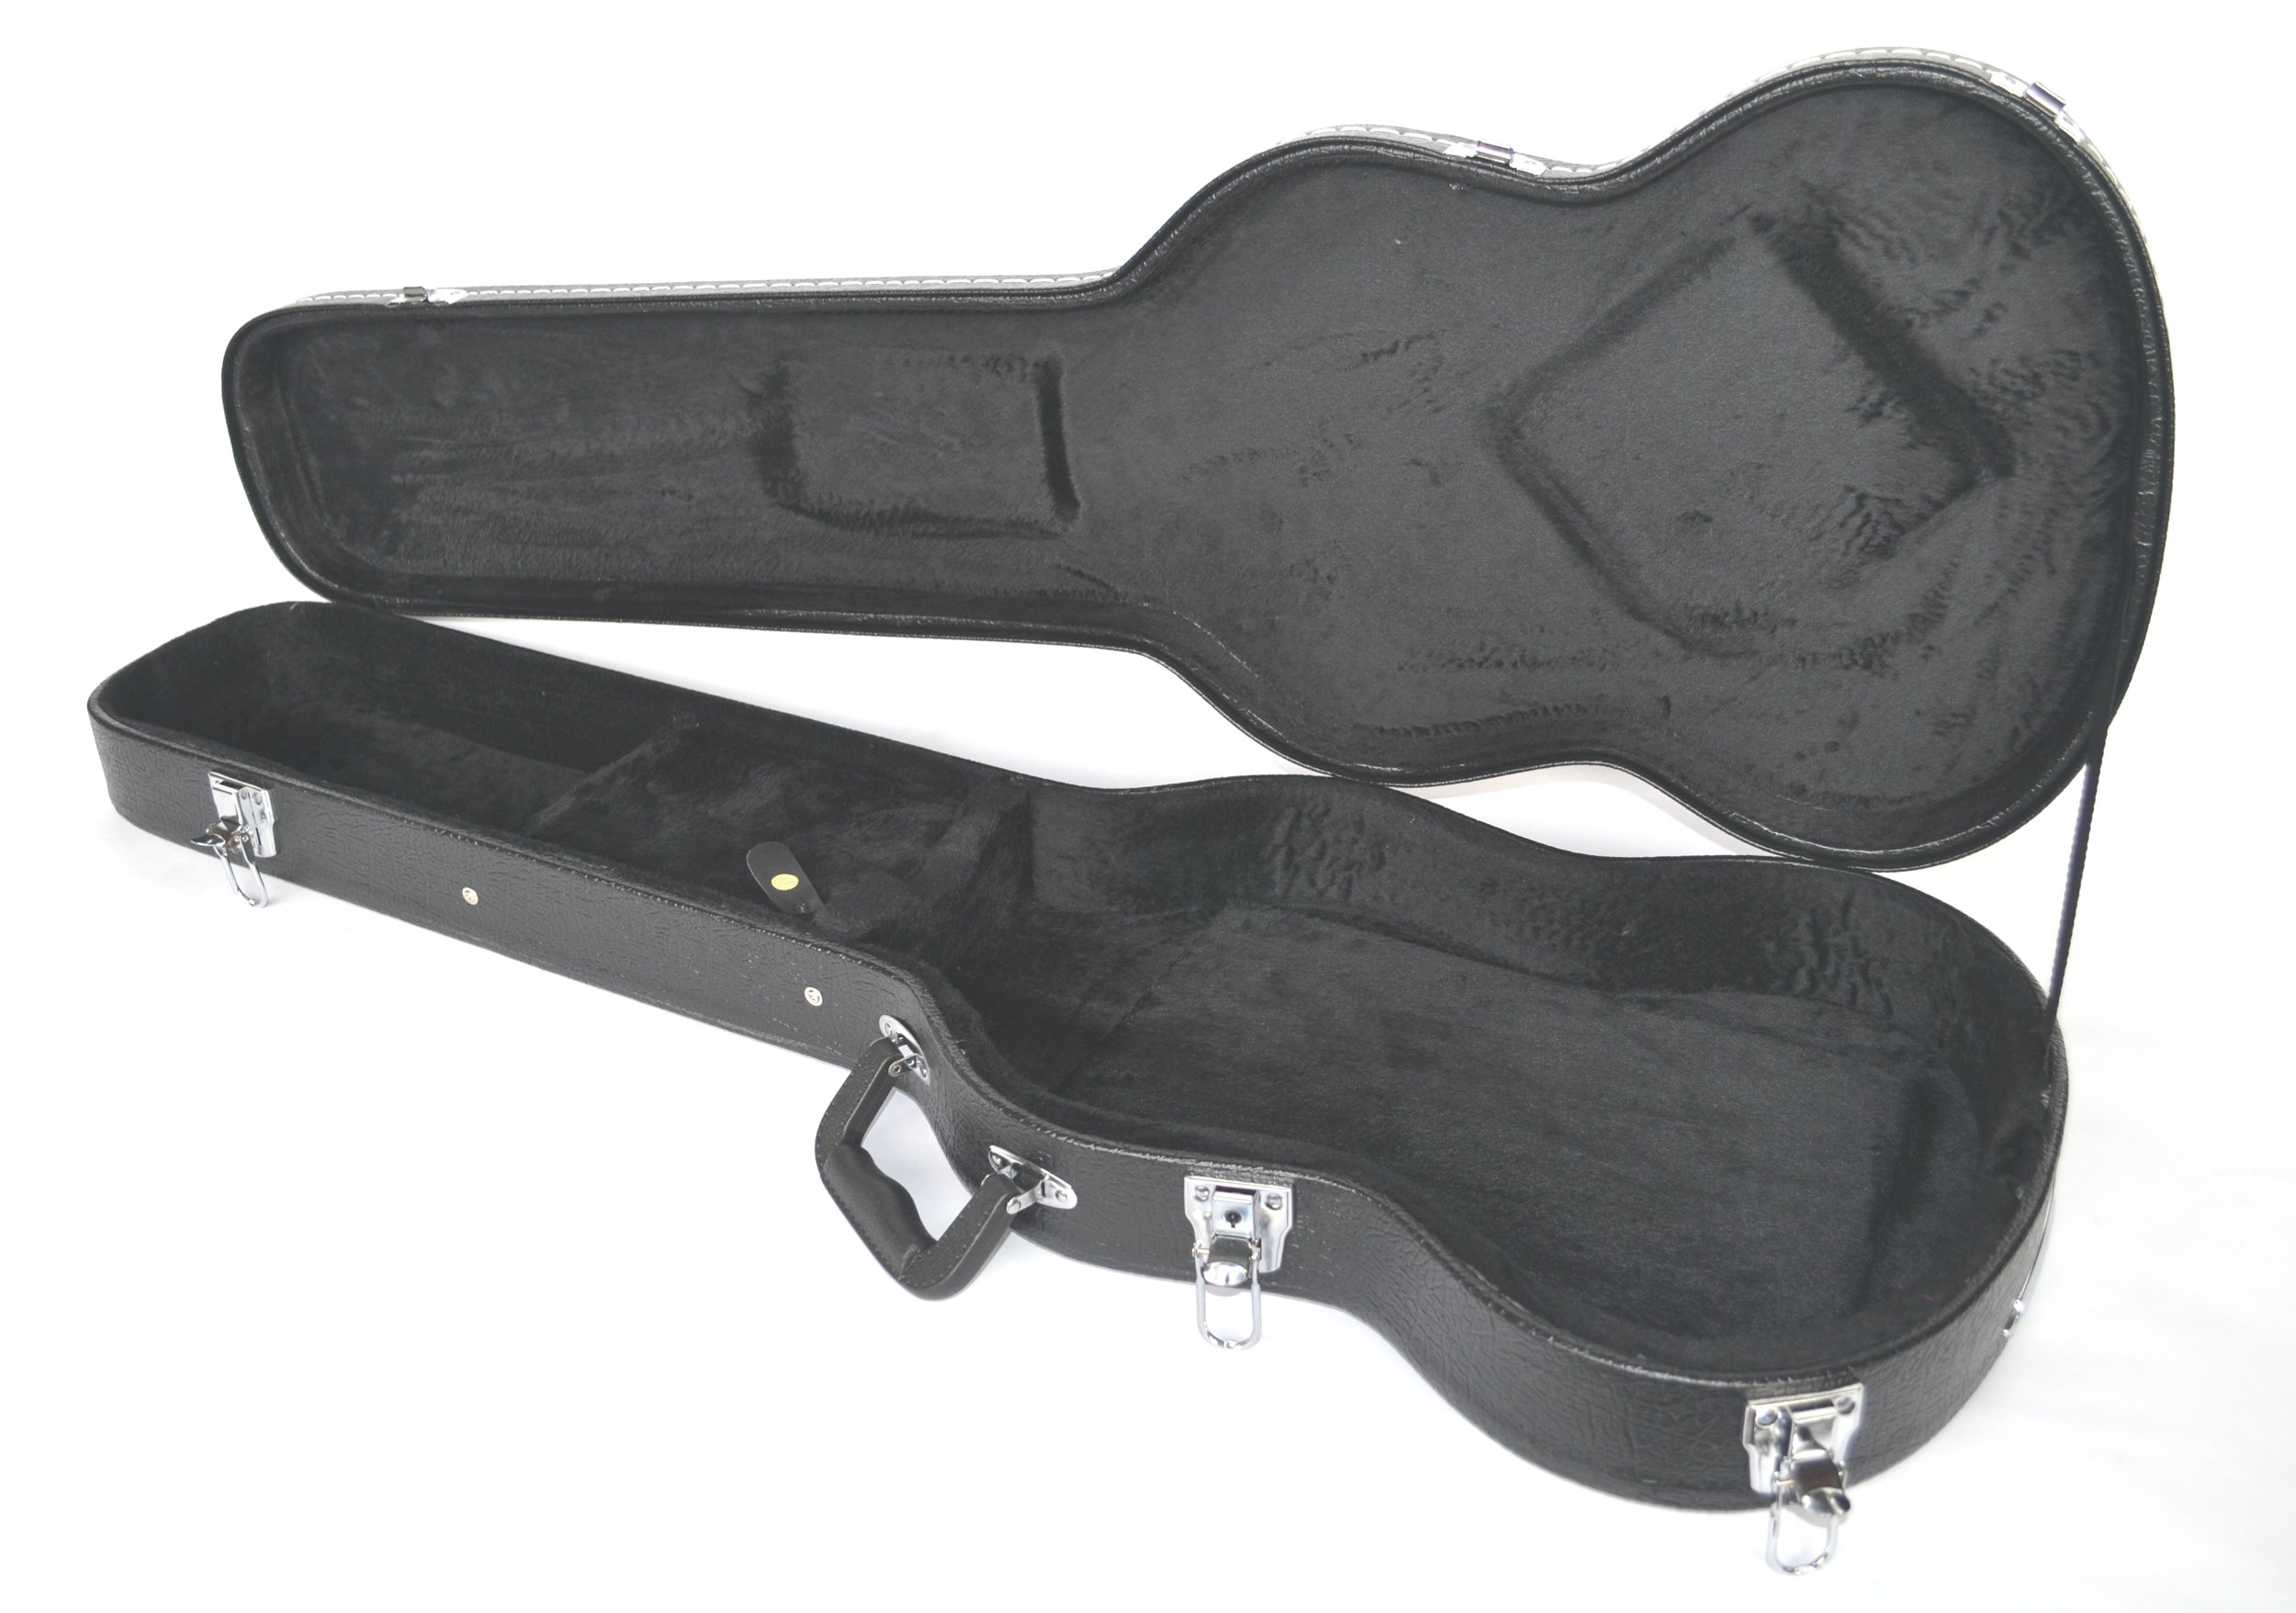 FUNDA IMPERMEABLE PARA TELÉFONO MÓVIL RÍGIDO PARA GUITARRA ELÉCTRICA GIBSON SG FORMA FORRADA Y ACOLCHADA: Amazon.es: Instrumentos musicales